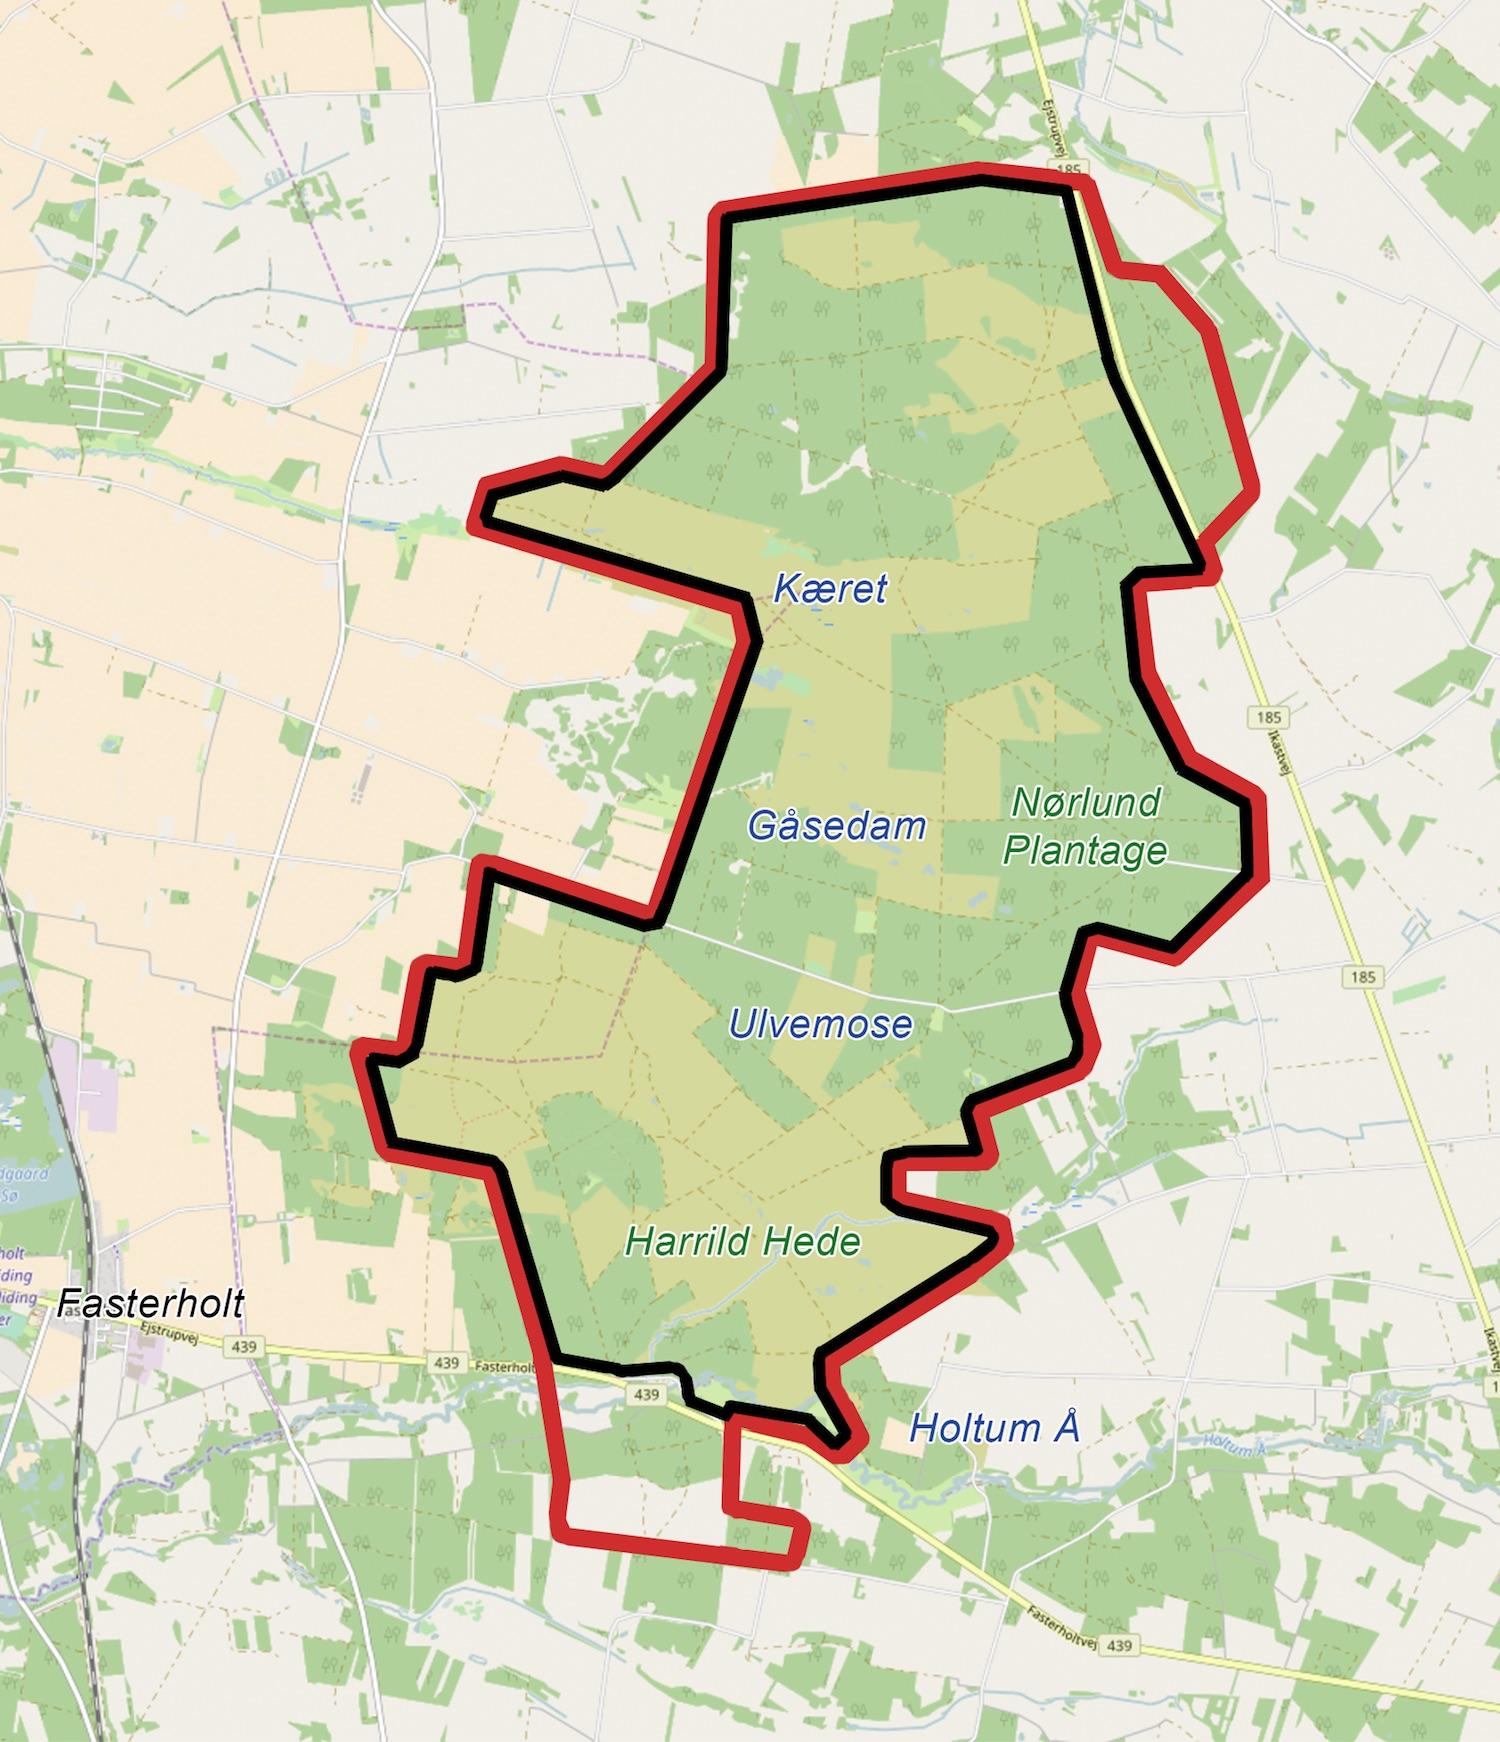 Foreslag til en 30 kilometer hegnslinje omkring det meste af Naturnationalpark Harrild Hede & Nørlund Skov